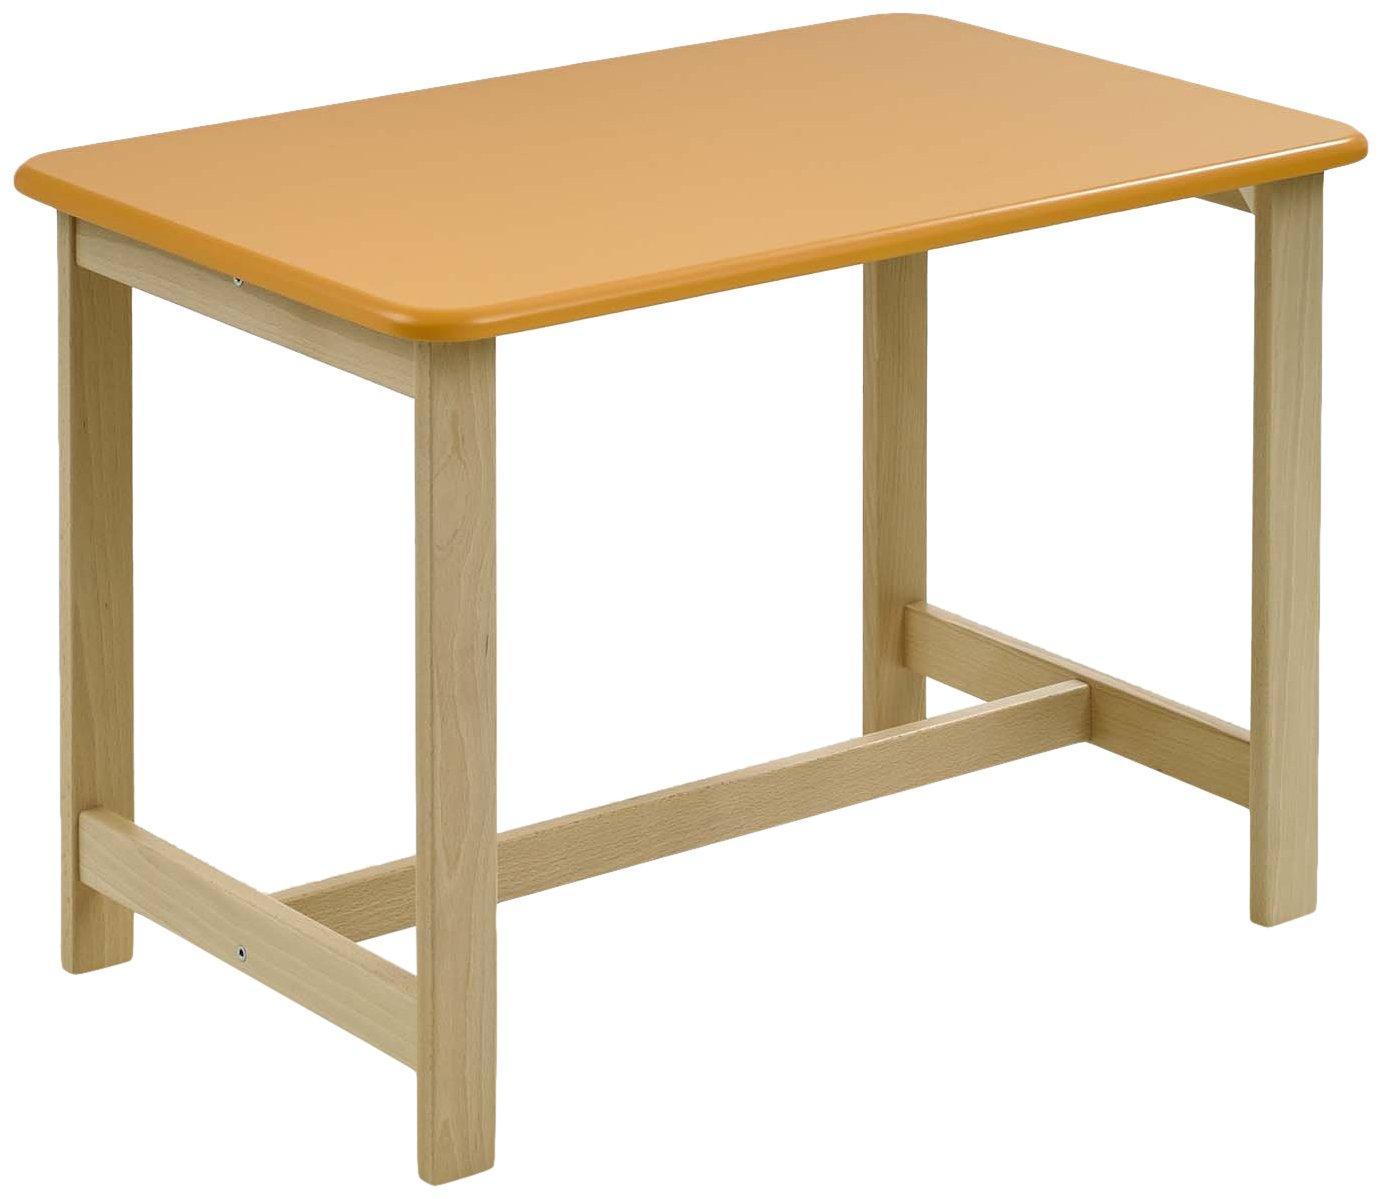 Geuther - Tisch Pepino, Höhe 55 cm, bunt